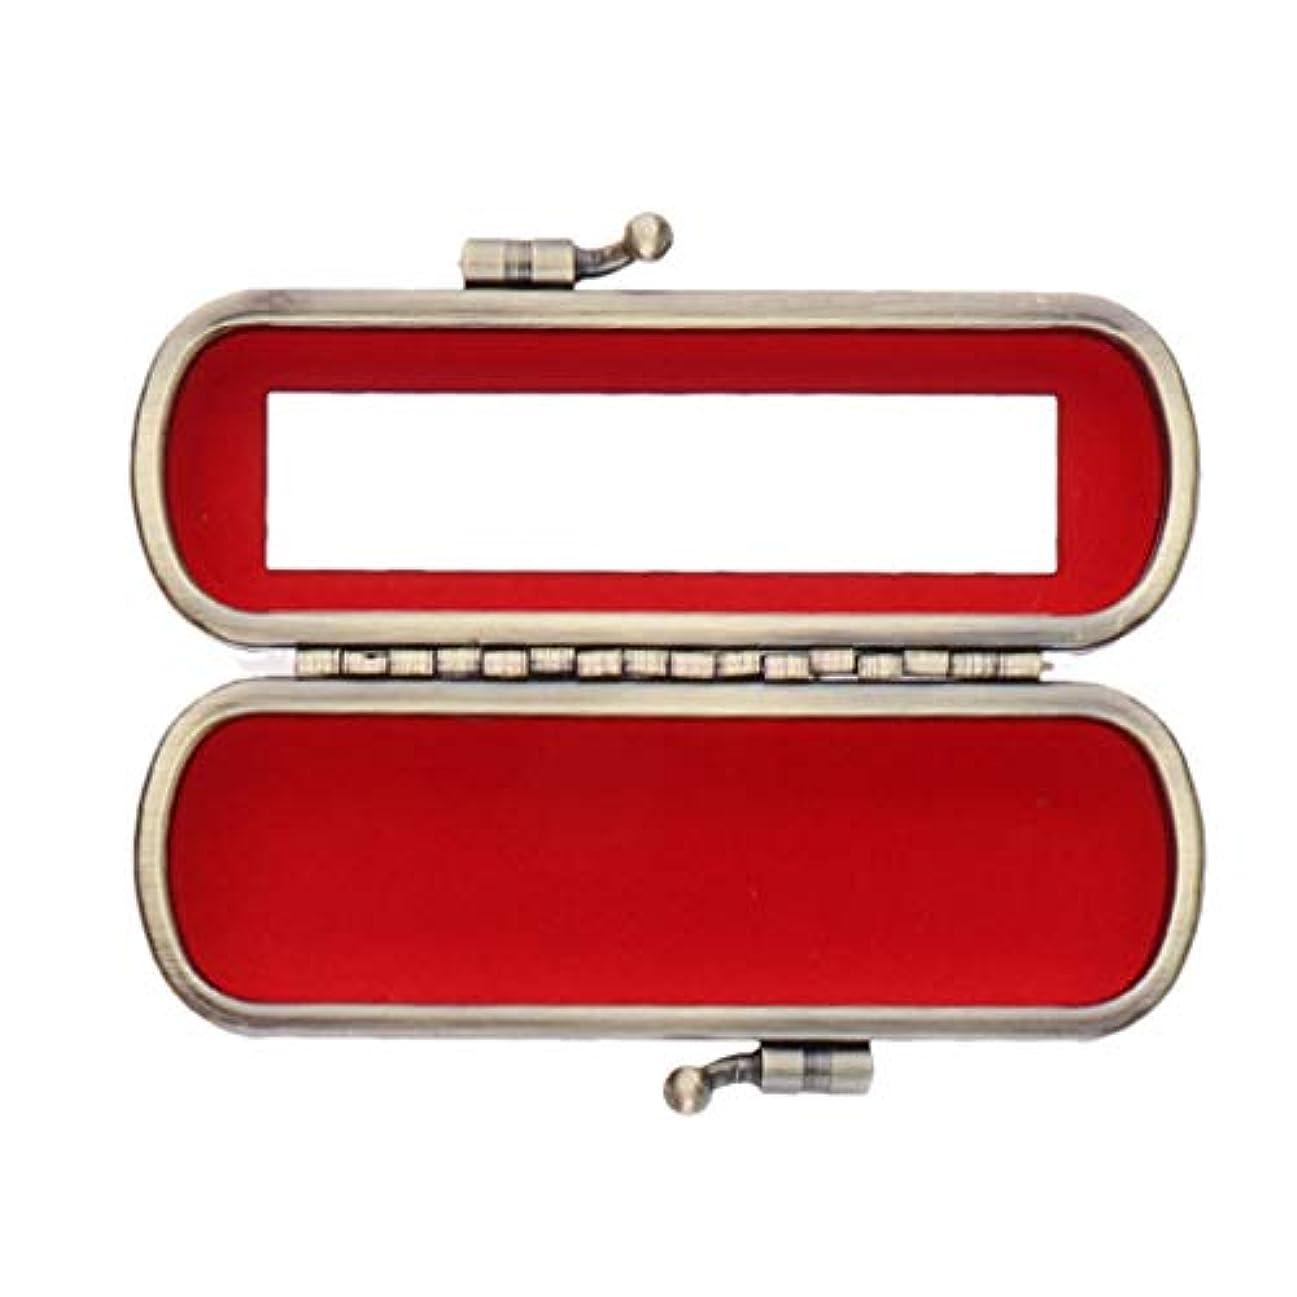 コロニー敏感な債務財布用ミラーオーガナイザーバッグ付きかわいいレザーリップスティックリップクリームケース - 赤